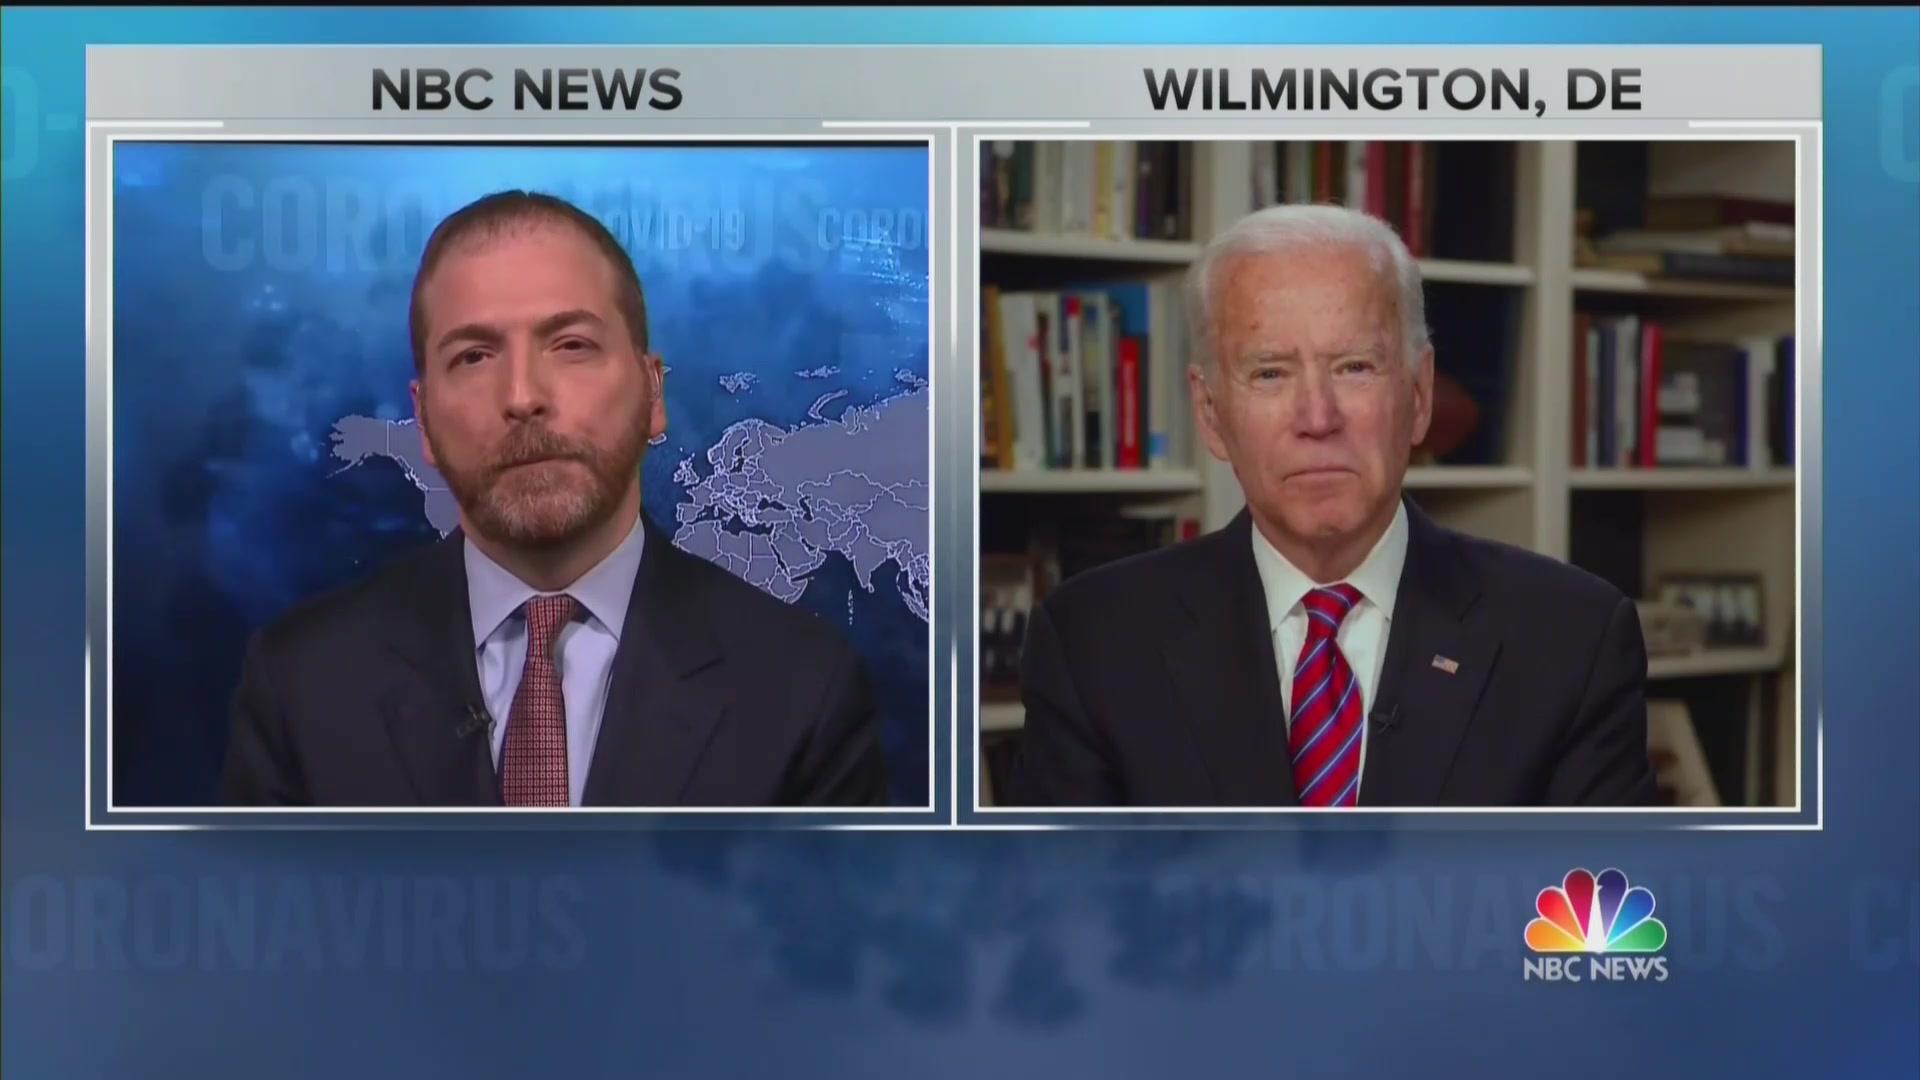 Chuck Todd Asks Biden If He Believes Trump Has 'Blood' on His Hands Over His Slow Coronavirus Response